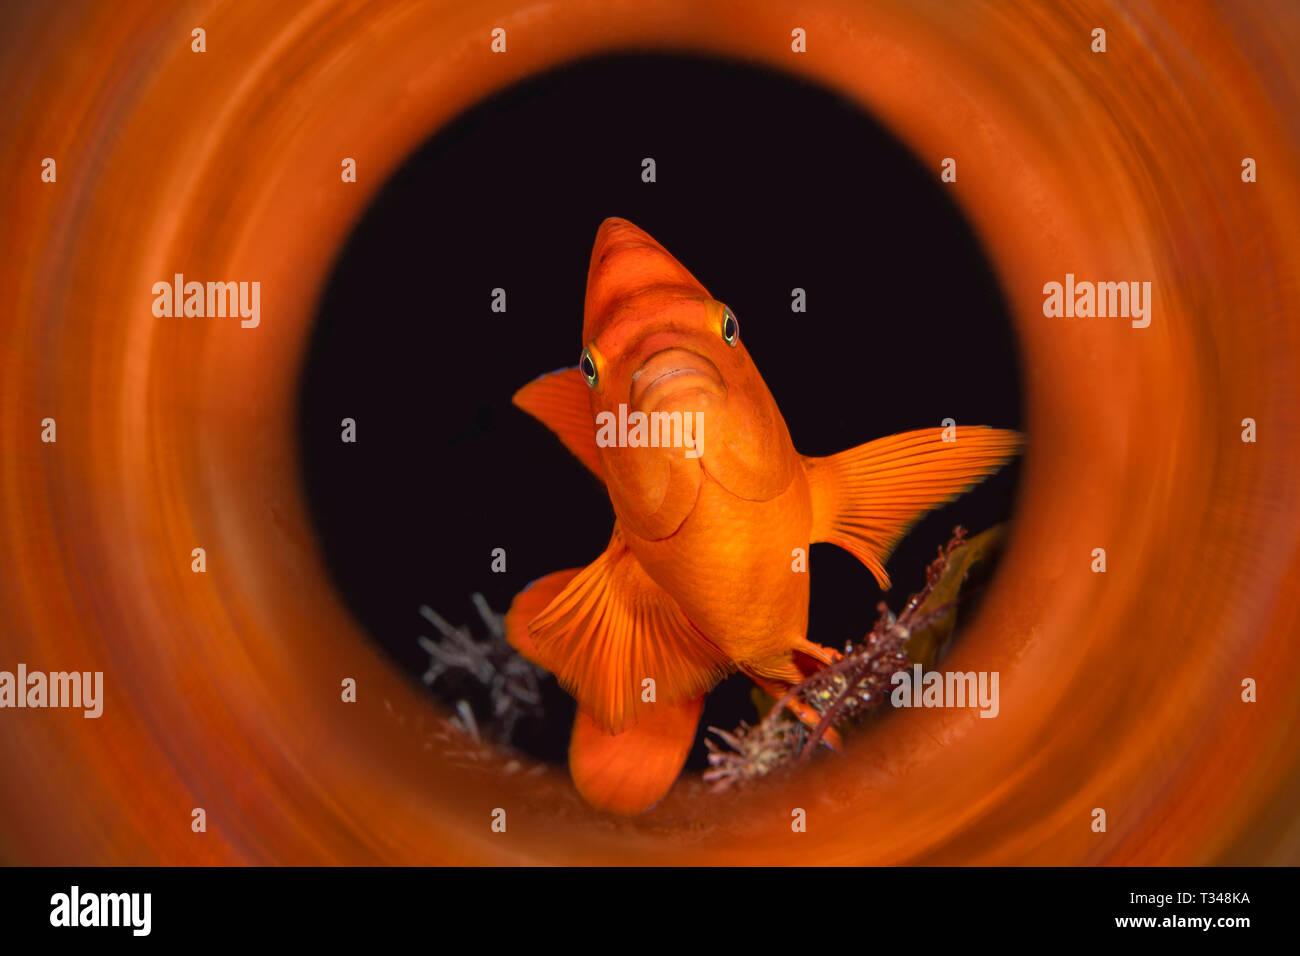 Ein helles orange Garibaldi erschossen in mit einem Magic Tube die Reflexionen der Tiere Farbe direkt aus der Kamera zu erfassen. Stockfoto